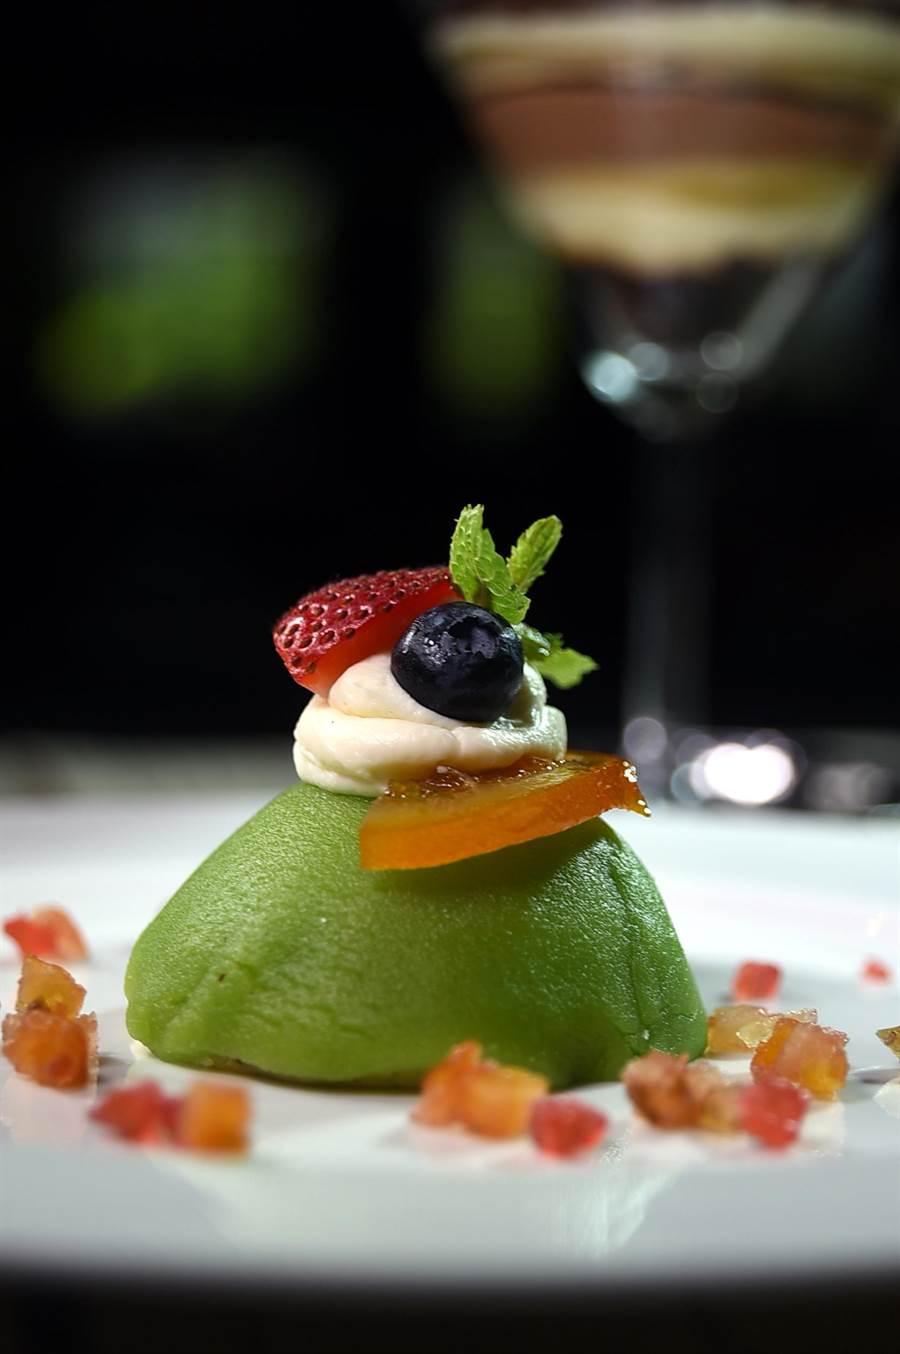 用杏仁糖糕覆蓋並用糖漬水果裝飾的〈卡薩塔乳酪蛋糕〉,是傳統的西西里節慶甜點,如今在君悅〈Ziga Zaga〉可以嘗到。(圖/姚舜)